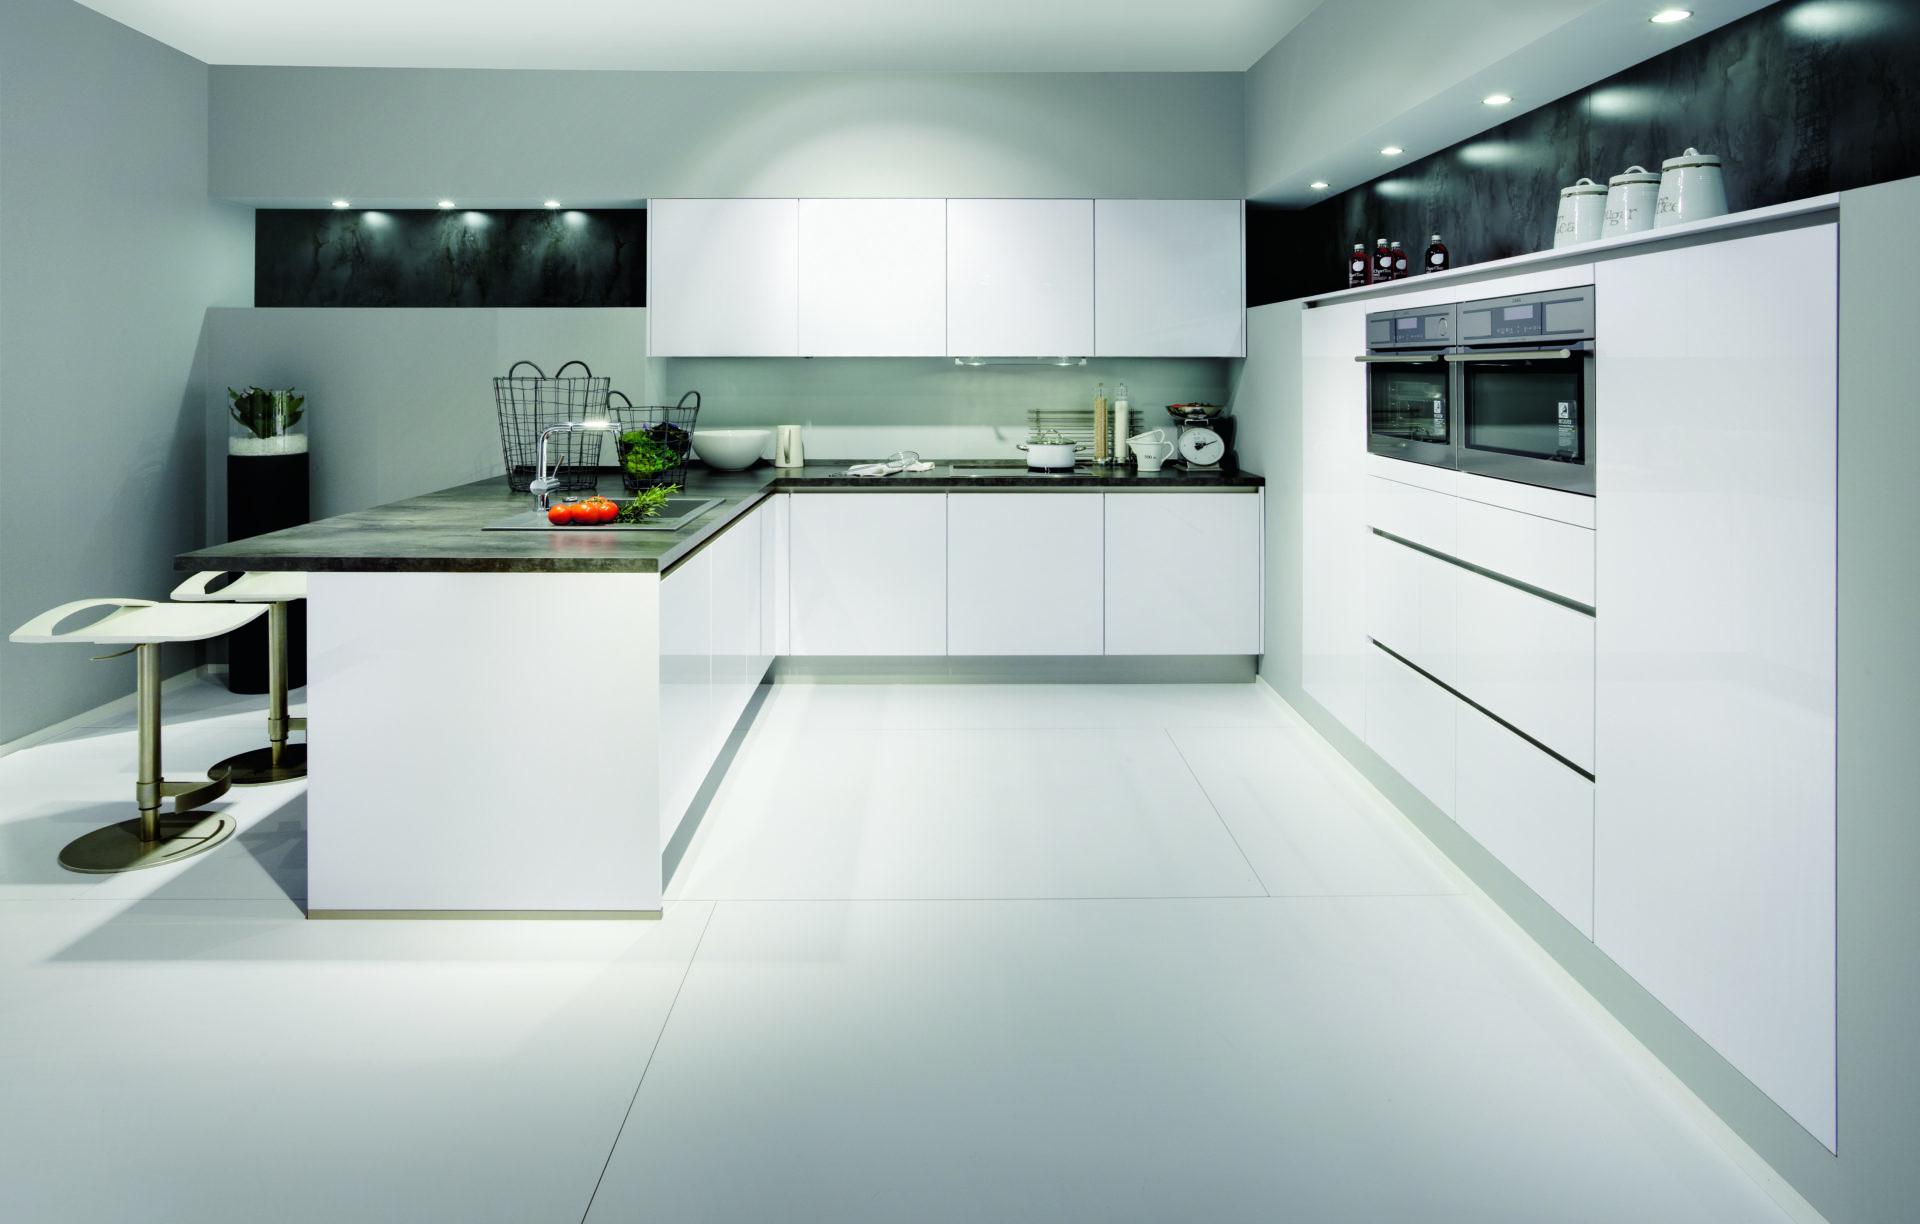 Moderne keukens beleef je bij Keukenhuiz in De Westereen - Friesland